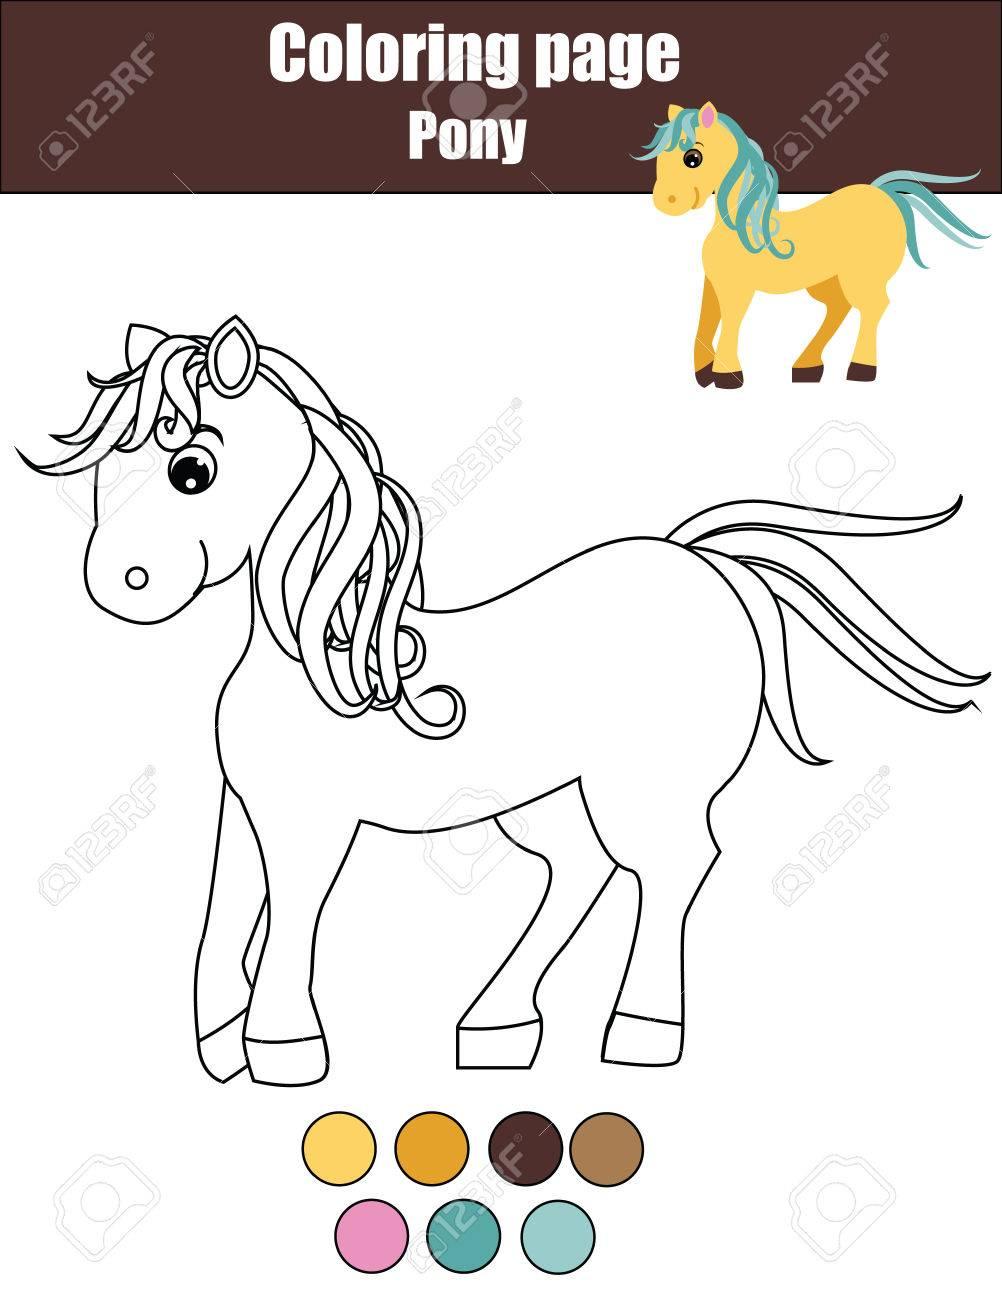 Vettoriale Pagina Da Colorare Con Pony Carino Colorare La Poca Attivita Di Disegno Cavallo Gioco Educativo Per I Bambini Gli Animali Tema Image 63020213